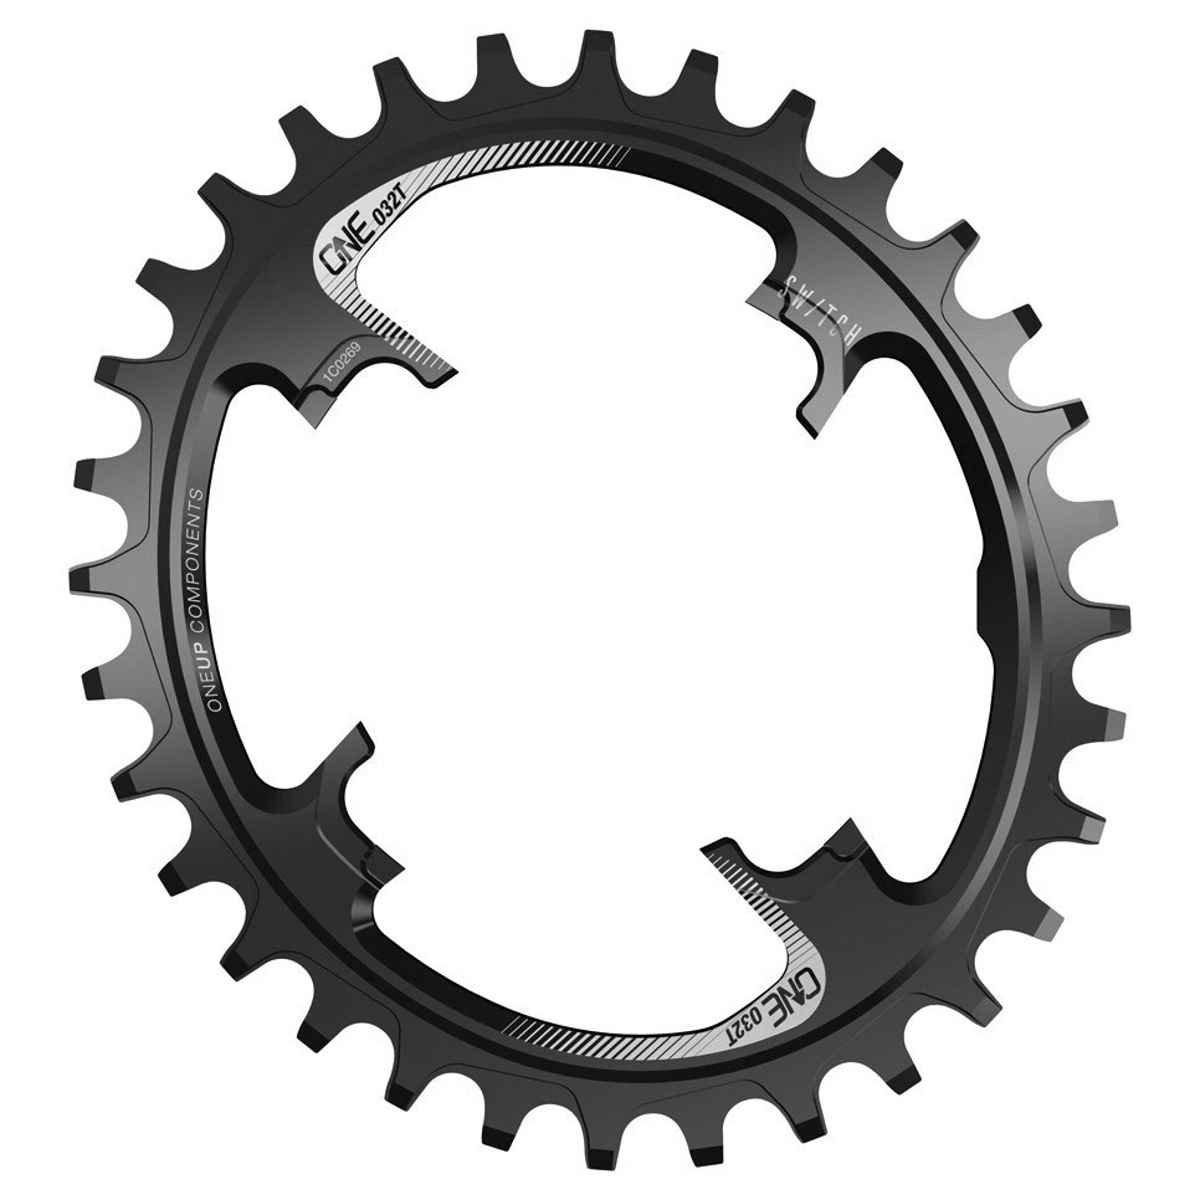 OneUpコンポーネントスイッチオーバルTraction Chainring B06XGZHFD9 36t|ブラック ブラック 36t